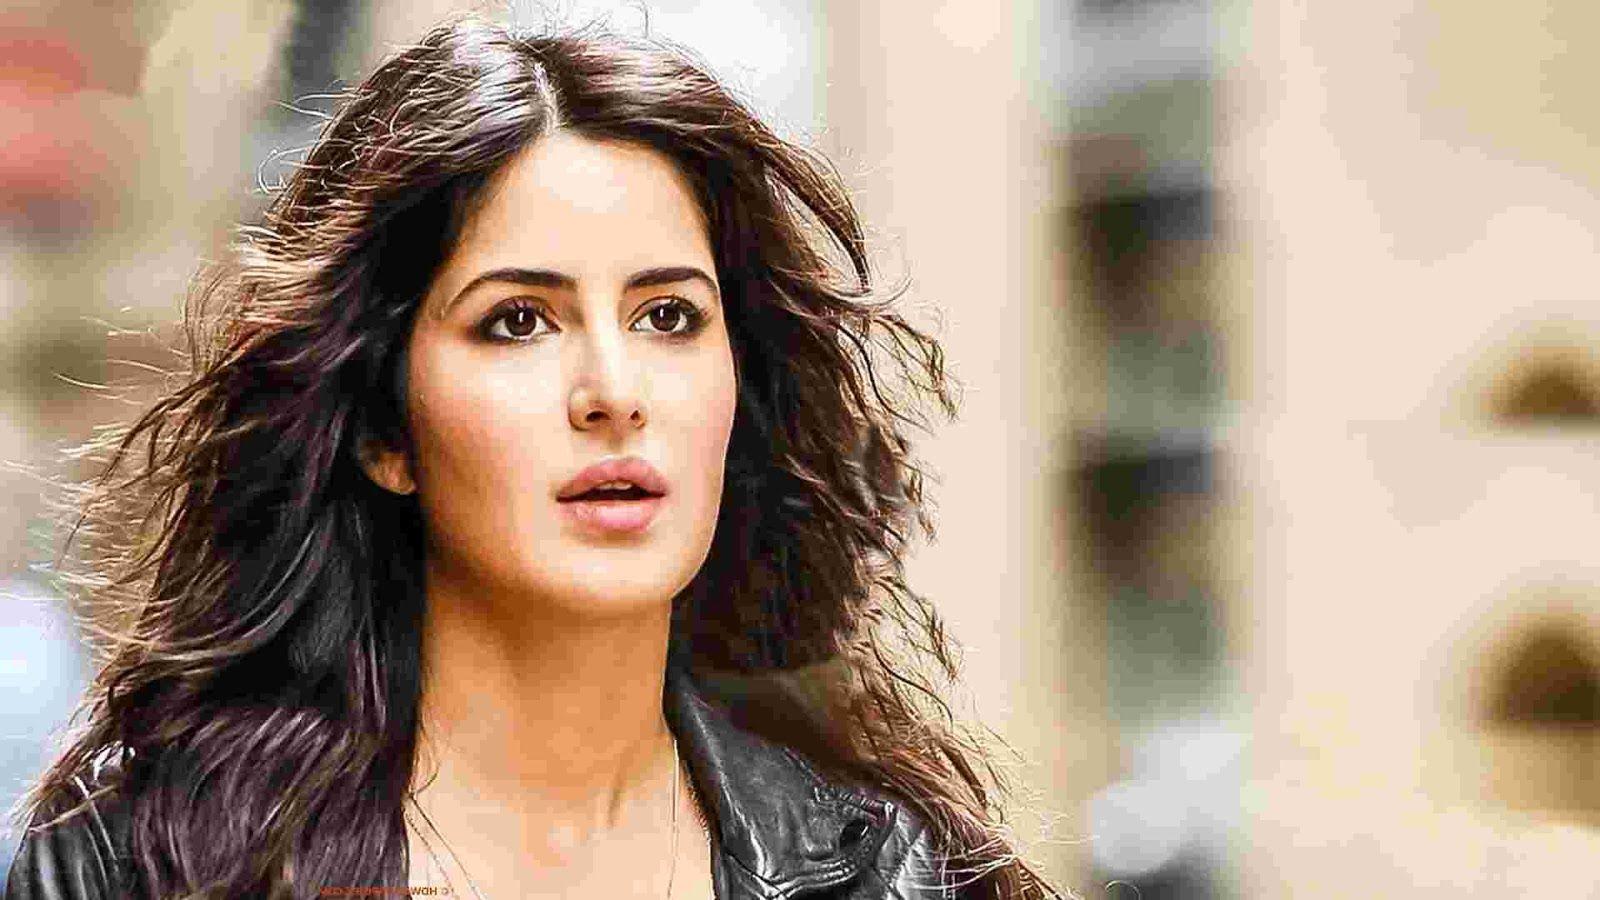 Katrina Kaif Upcoming Movies List 2016 2017 And 2018 Katrina Kaif Wallpapers Beautiful Bollywood Actress Bollywood Actress